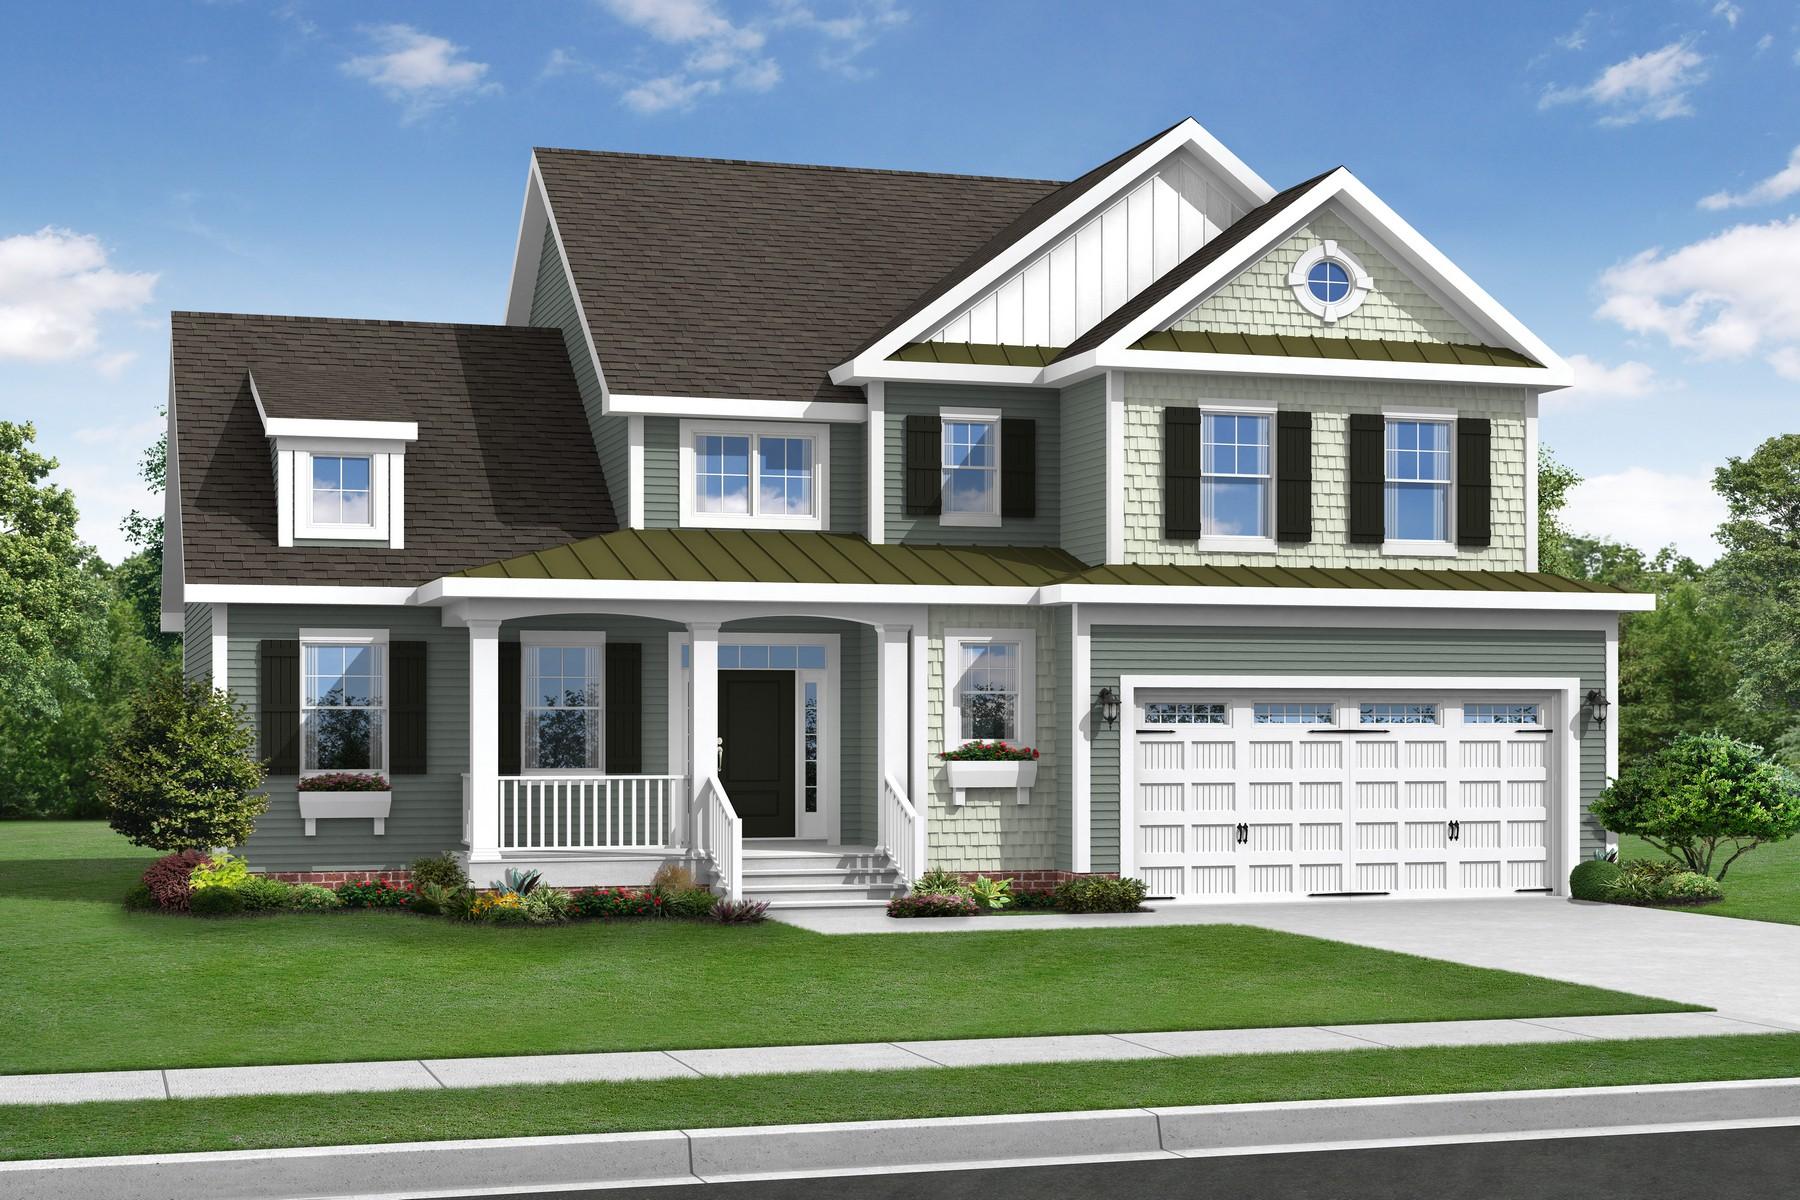 واحد منزل الأسرة للـ Sale في 24200 Canoe Dr Heron, Millsboro, DE 19966 33406 Paddle Drive 226, Millsboro, Delaware, 19966 United States